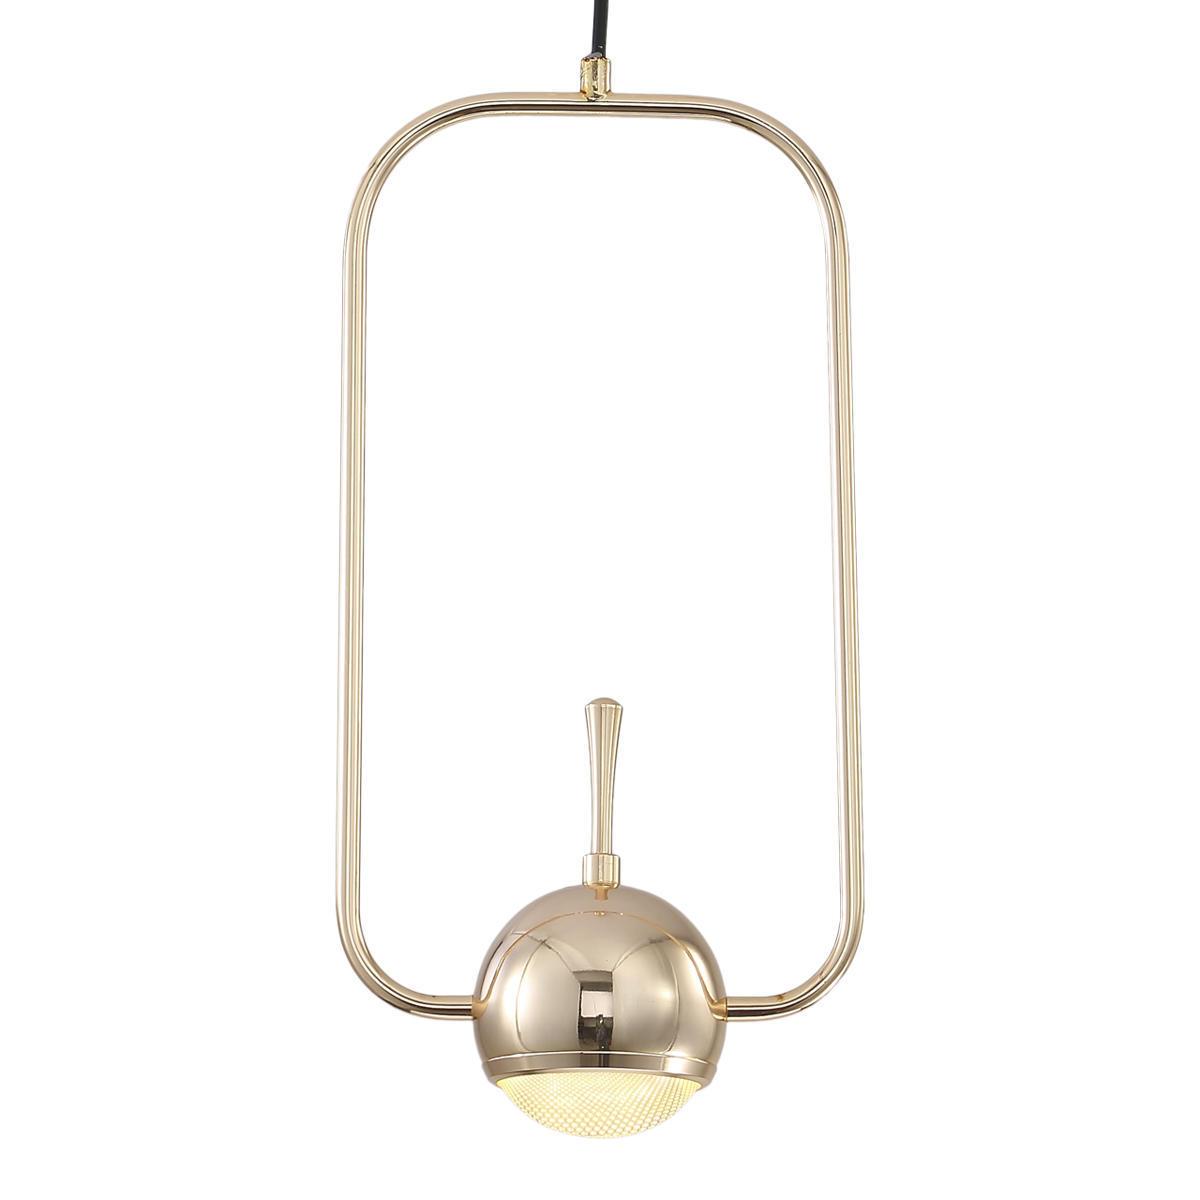 Подвесной светодиодный светильник Loft It Nuance 8139-A, LED 10W, золото, металл, металл с пластиком - фото 2